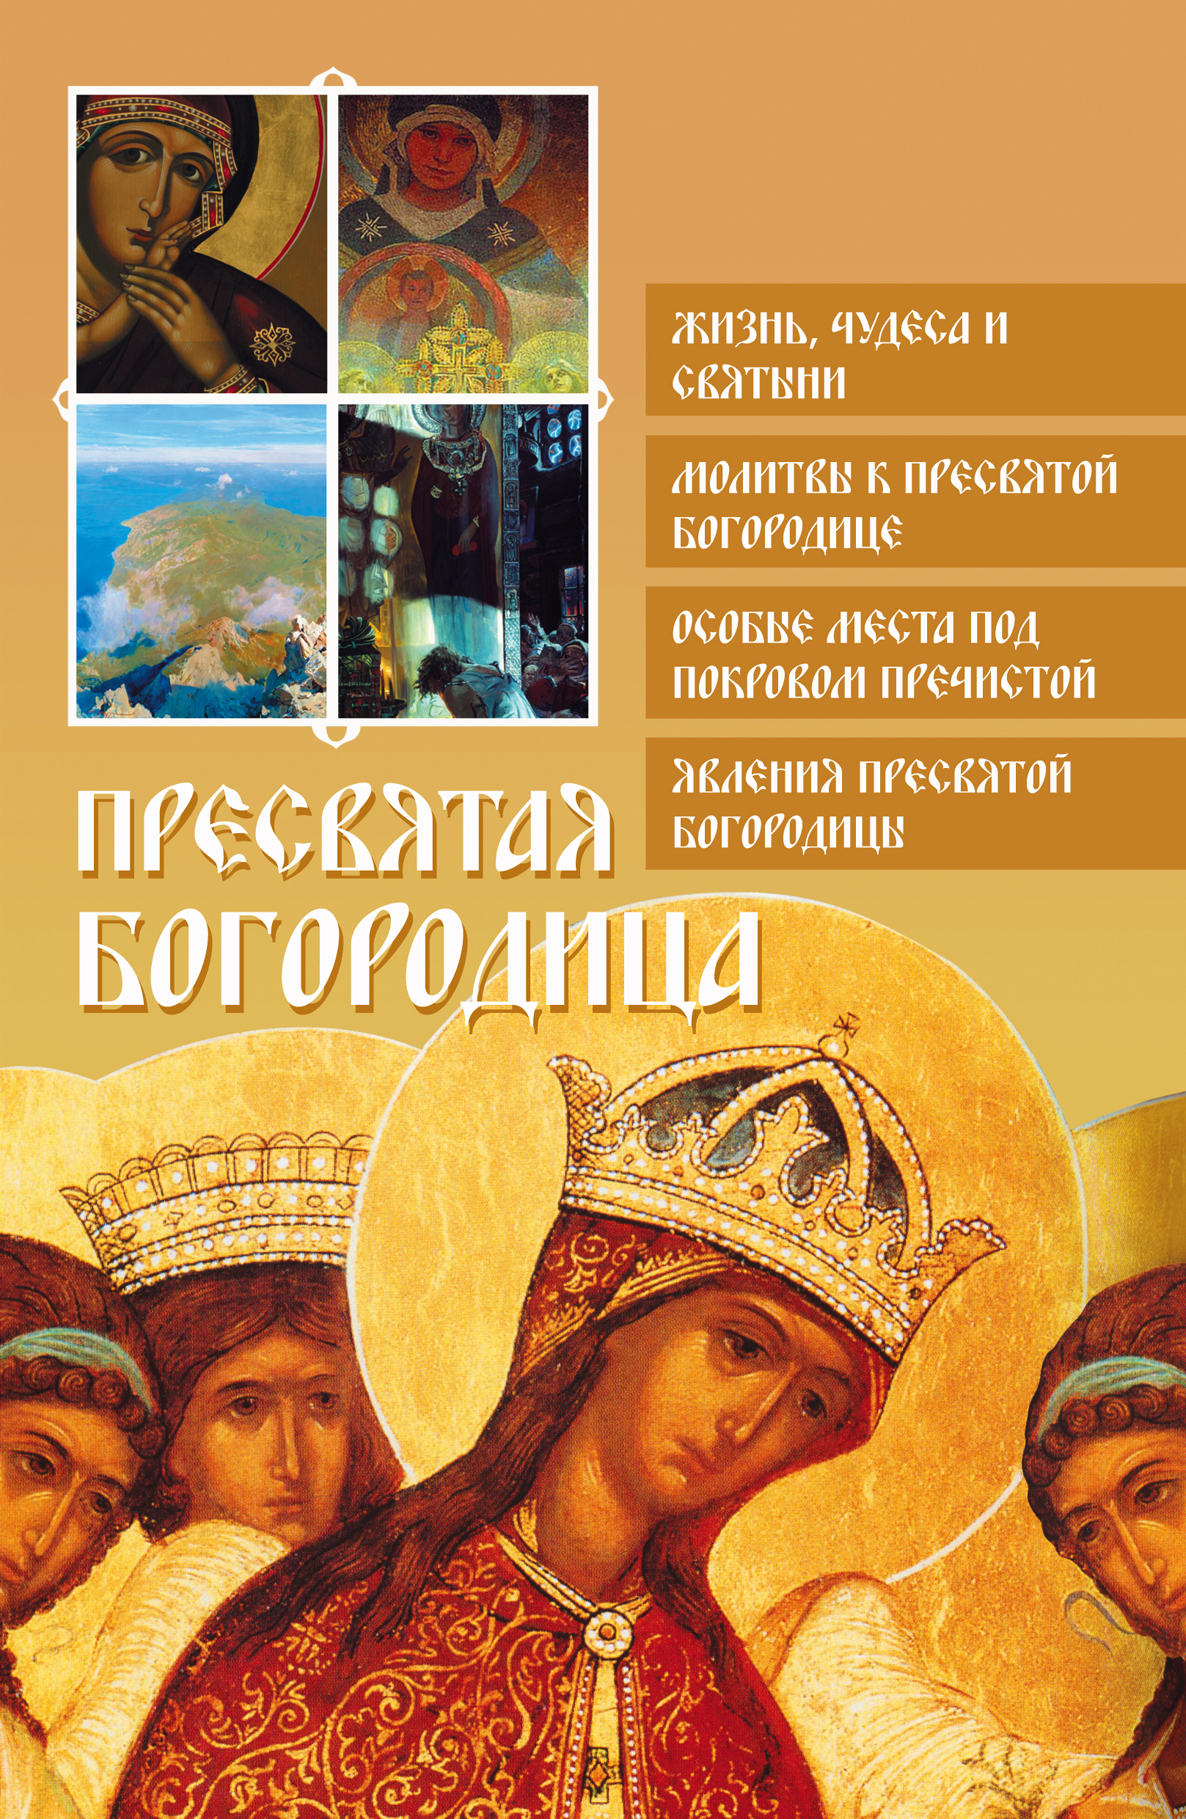 Глаголева О.В., сост. Пресвятая Богородица пресвятая богородица